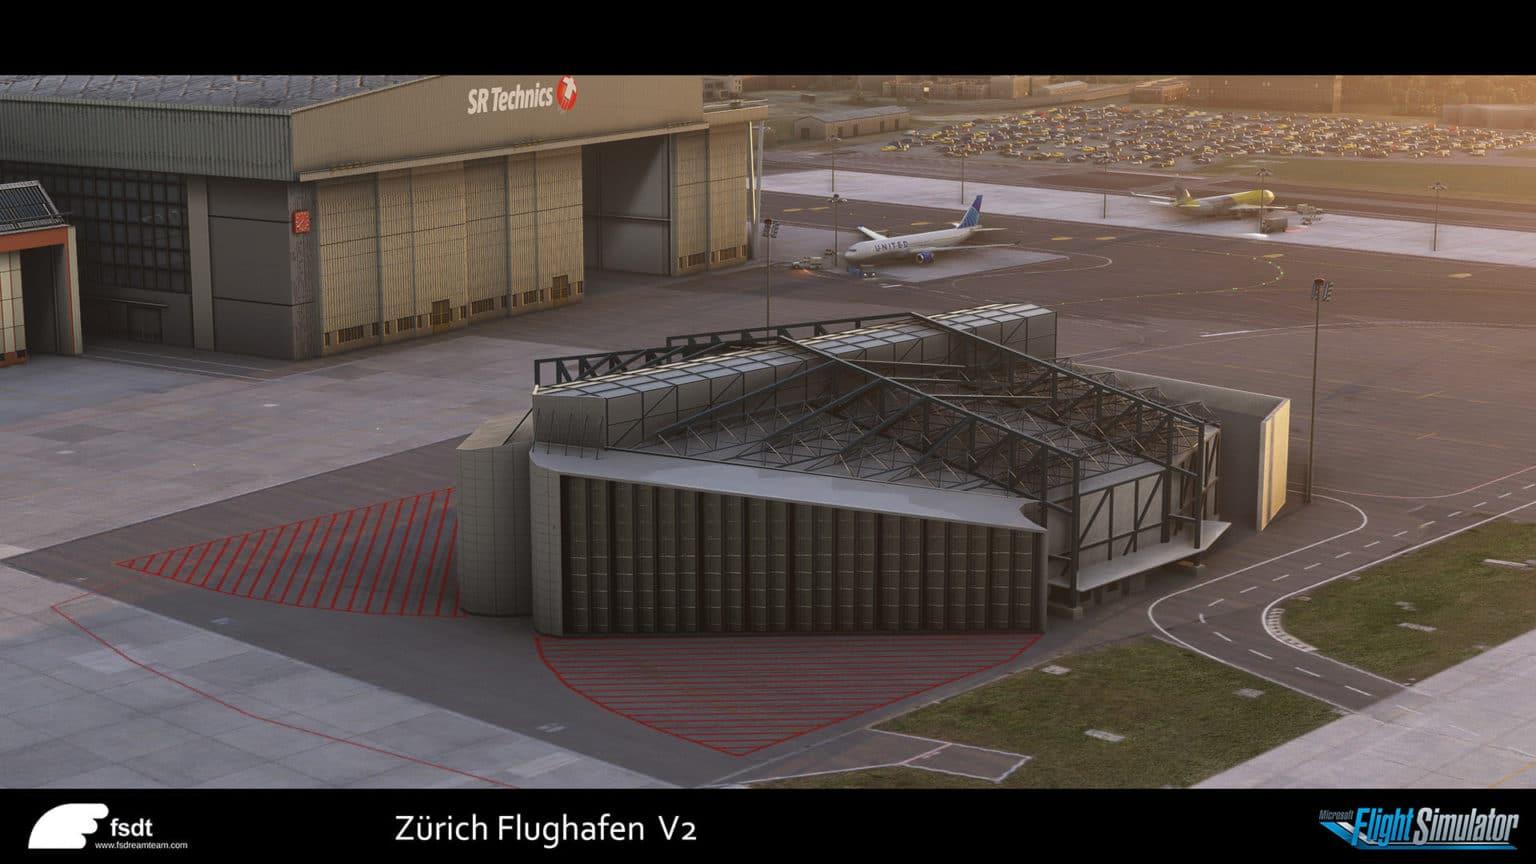 FSDreamteam_Zürich_MSFS (10)